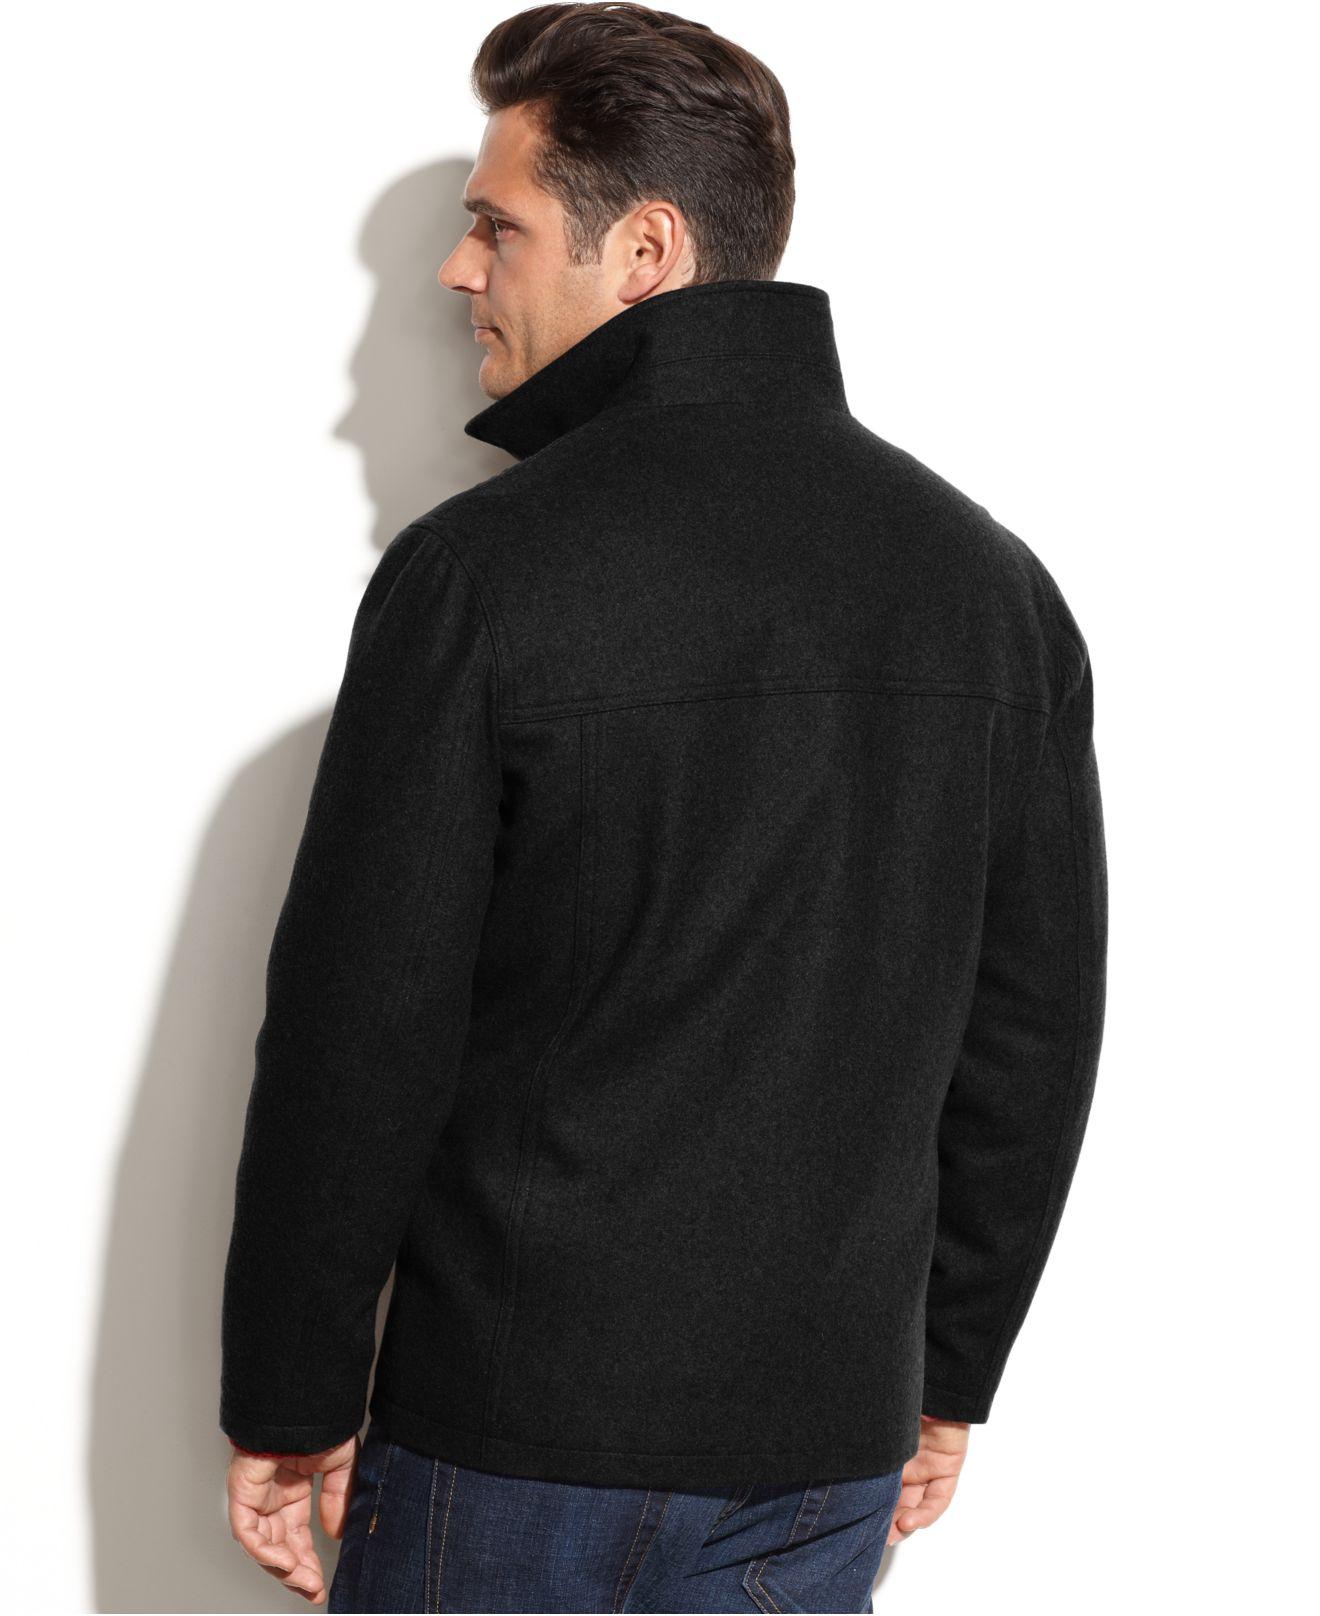 Perry Ellis Mens Nylon Tricot Clothing 74